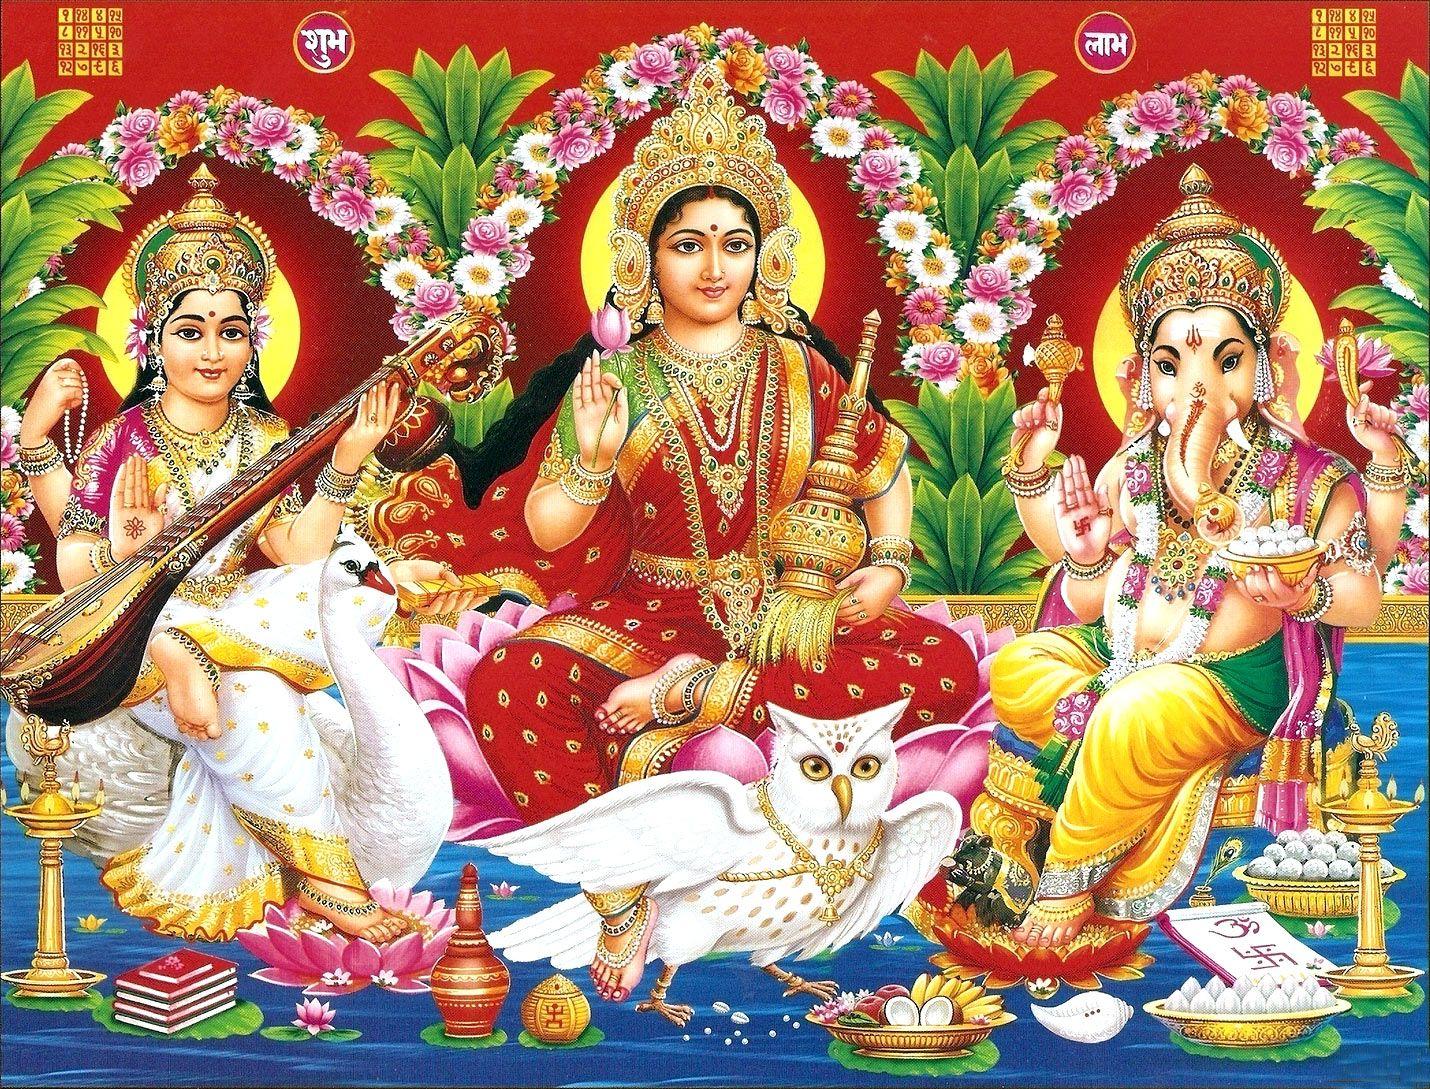 3d 4k Fbb Wallpaper Laxmi Ganesh Saraswati Wallpaper Hd Full Size Download